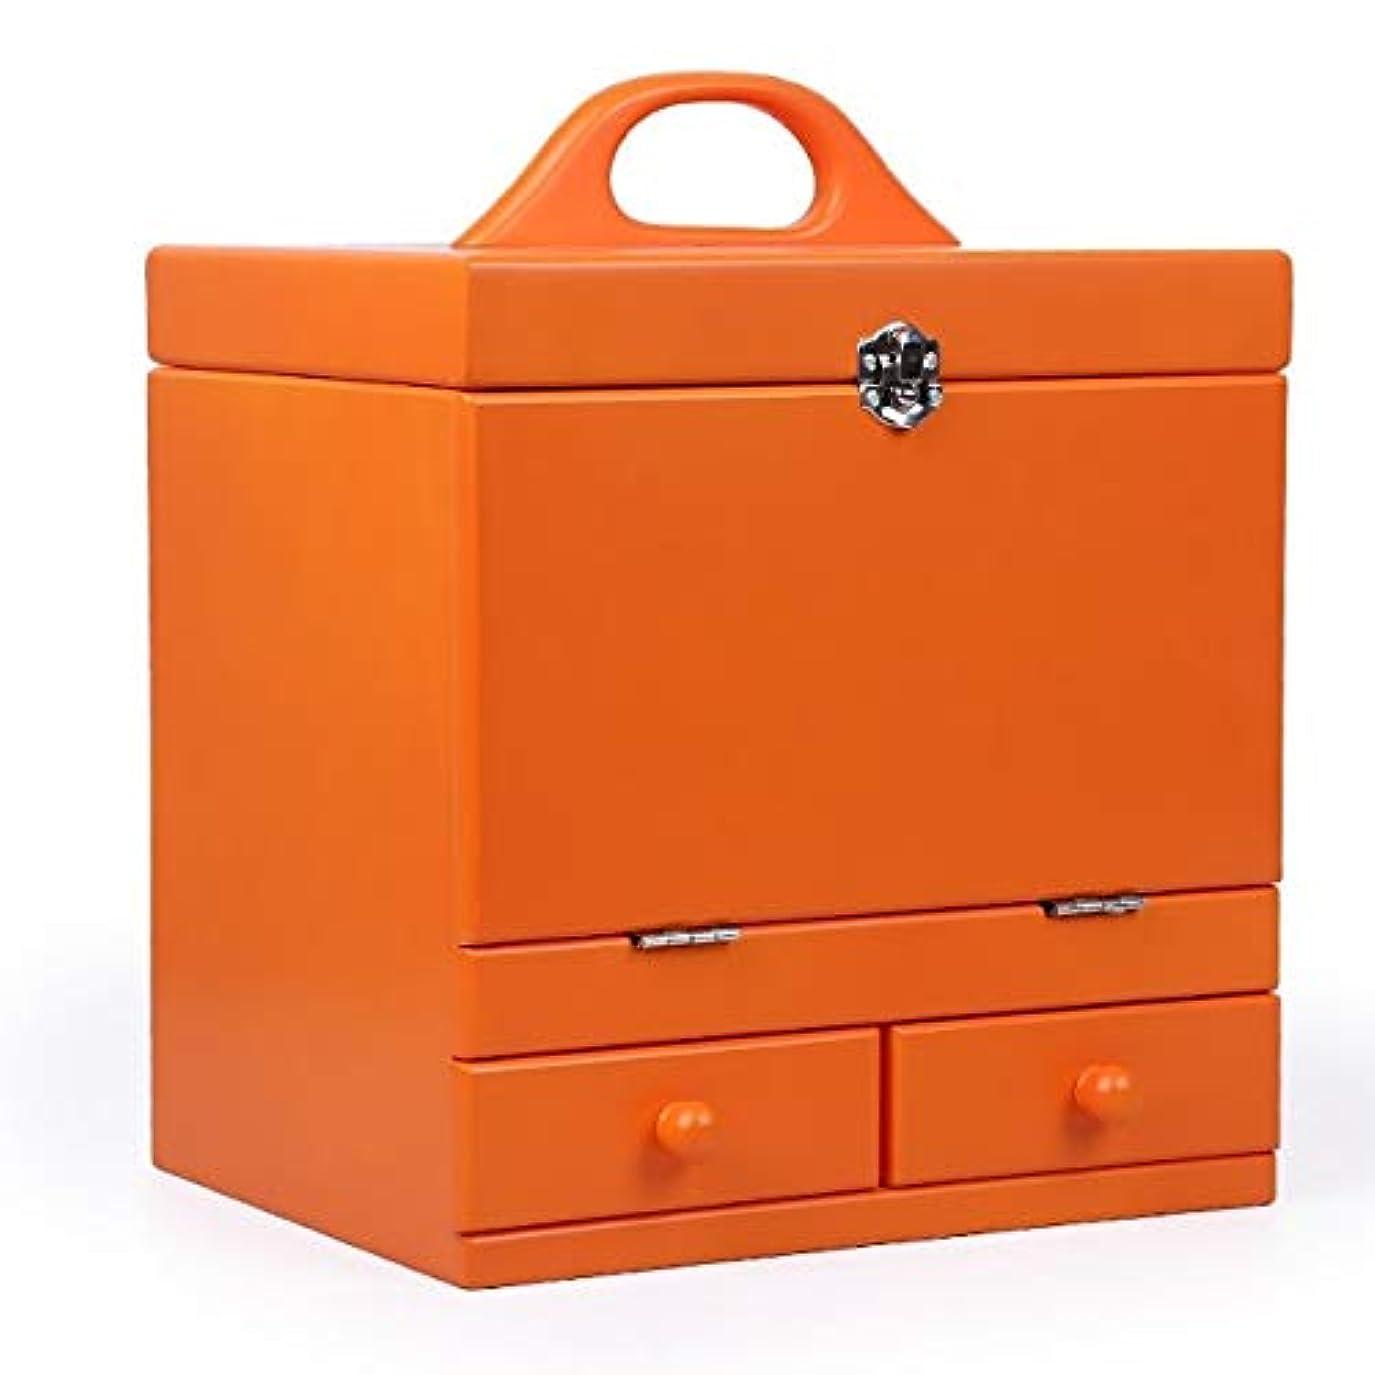 不名誉一月視聴者化粧箱、オレンジ二重デッキヴィンテージ木製彫刻化粧品ケース、ミラー、高級ウェディングギフト、新築祝いギフト、美容ネイルジュエリー収納ボックス